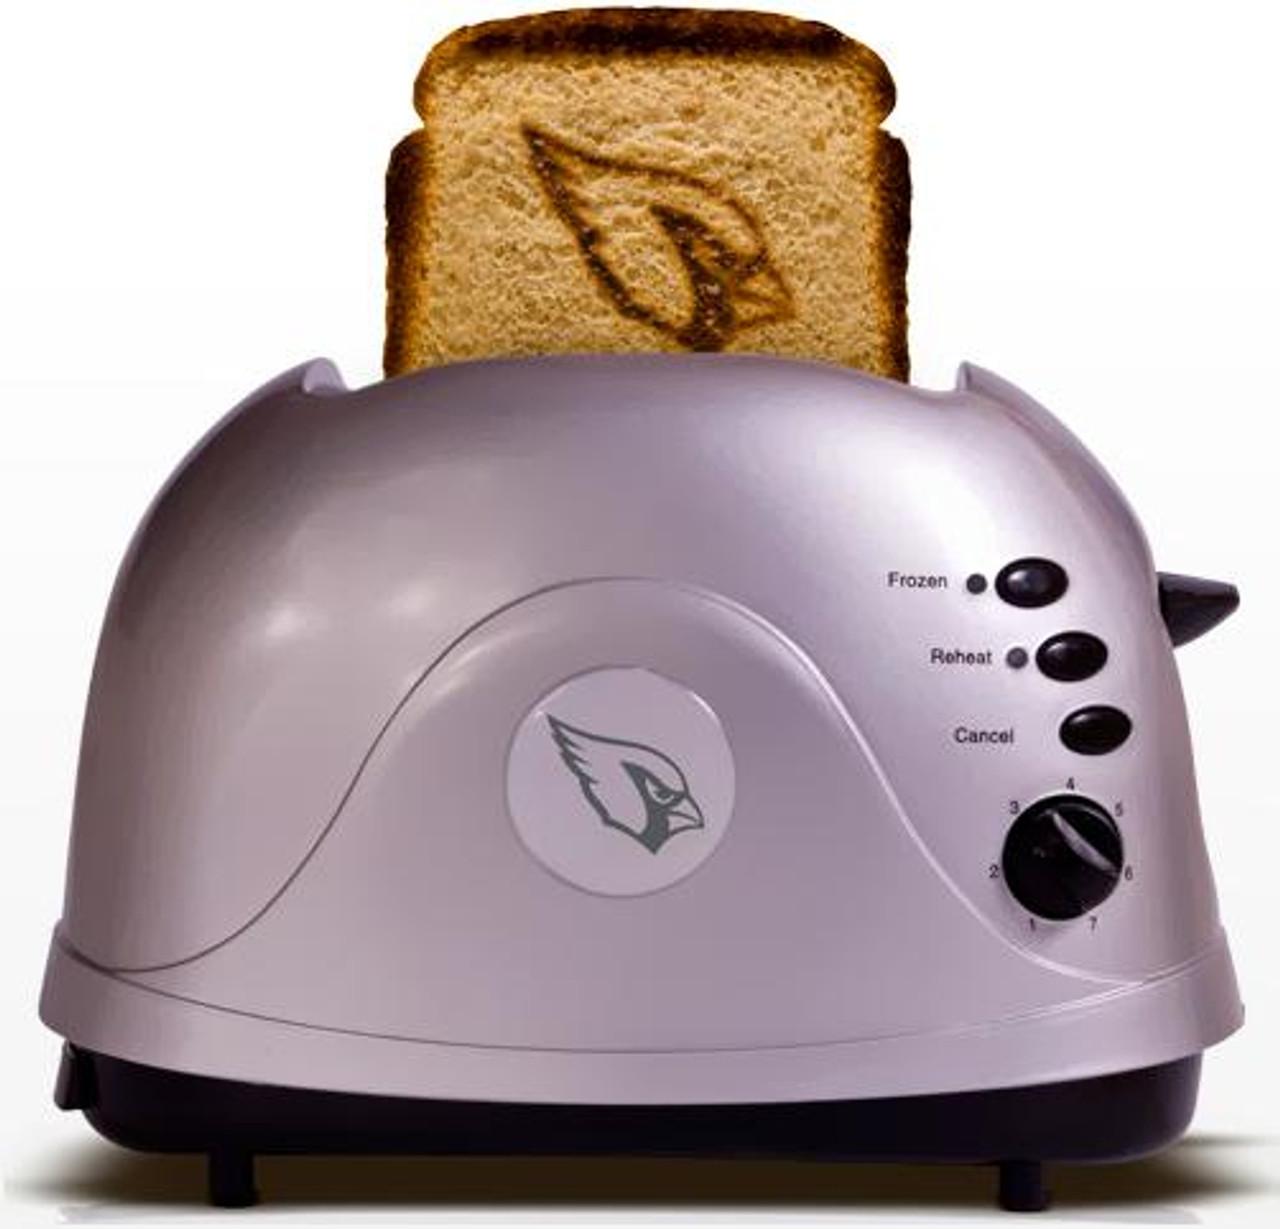 NFL ProToast Retro Arizona Cardinals Toaster